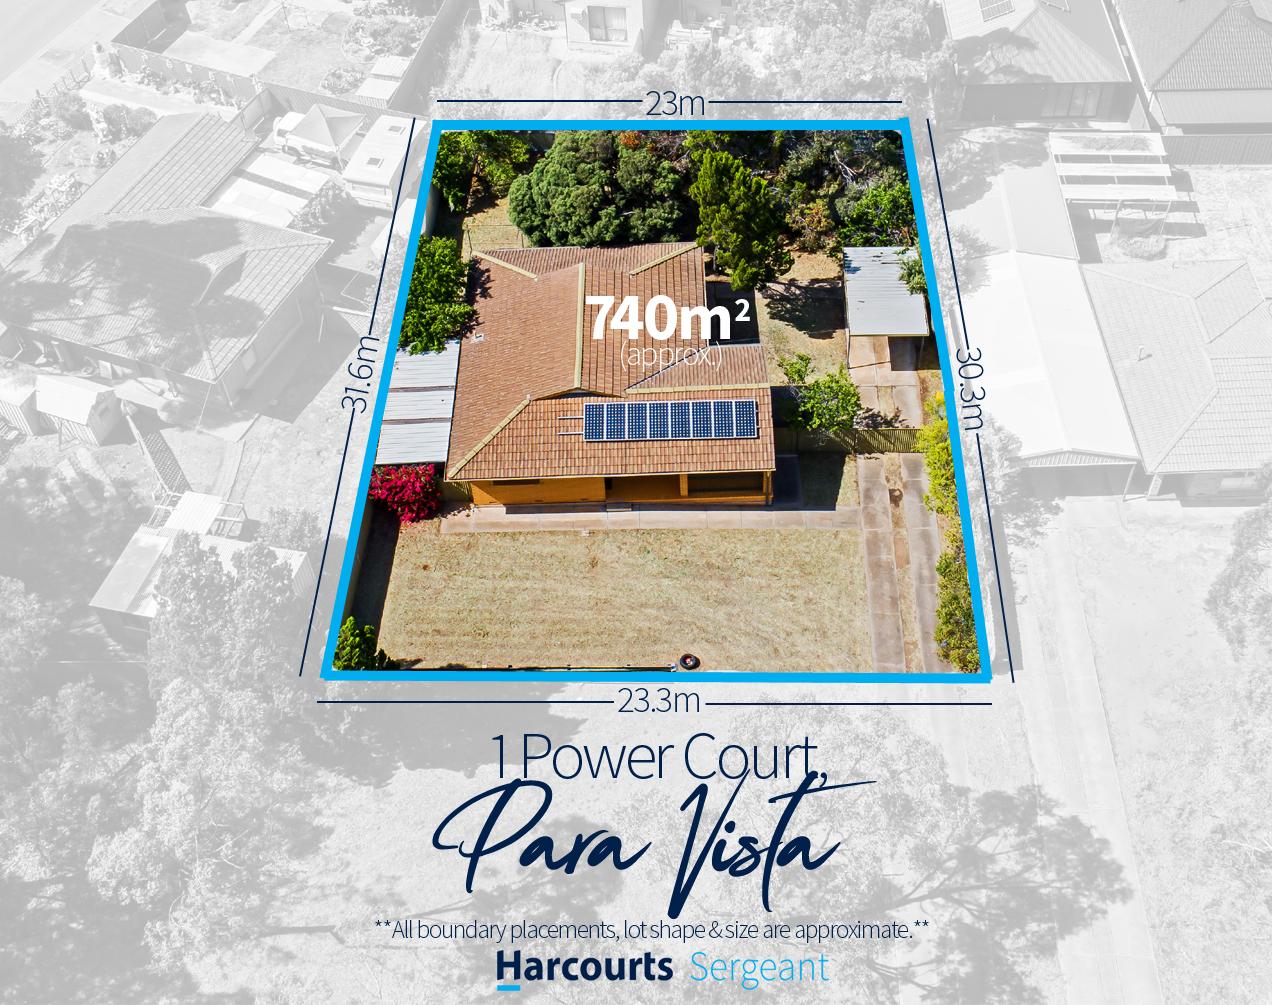 01 - Power Court, Para Vista (Aerial)